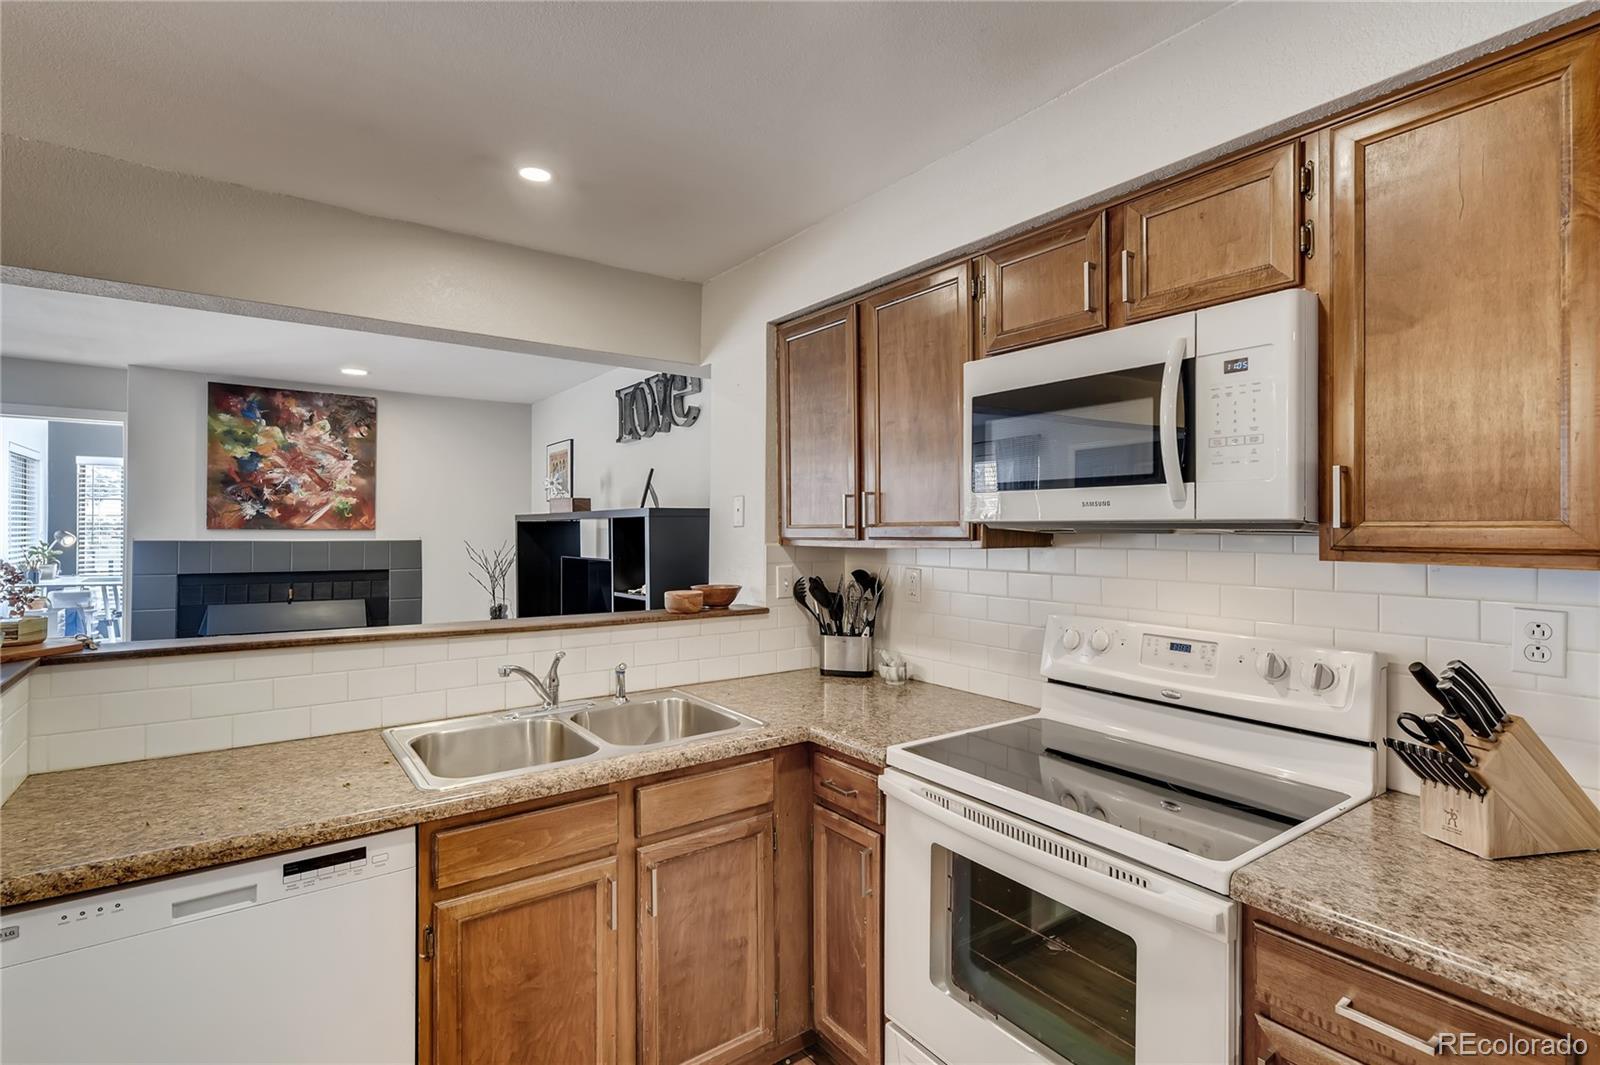 MLS# 2286573 - 7 - 836 S Vance Street #A, Lakewood, CO 80226